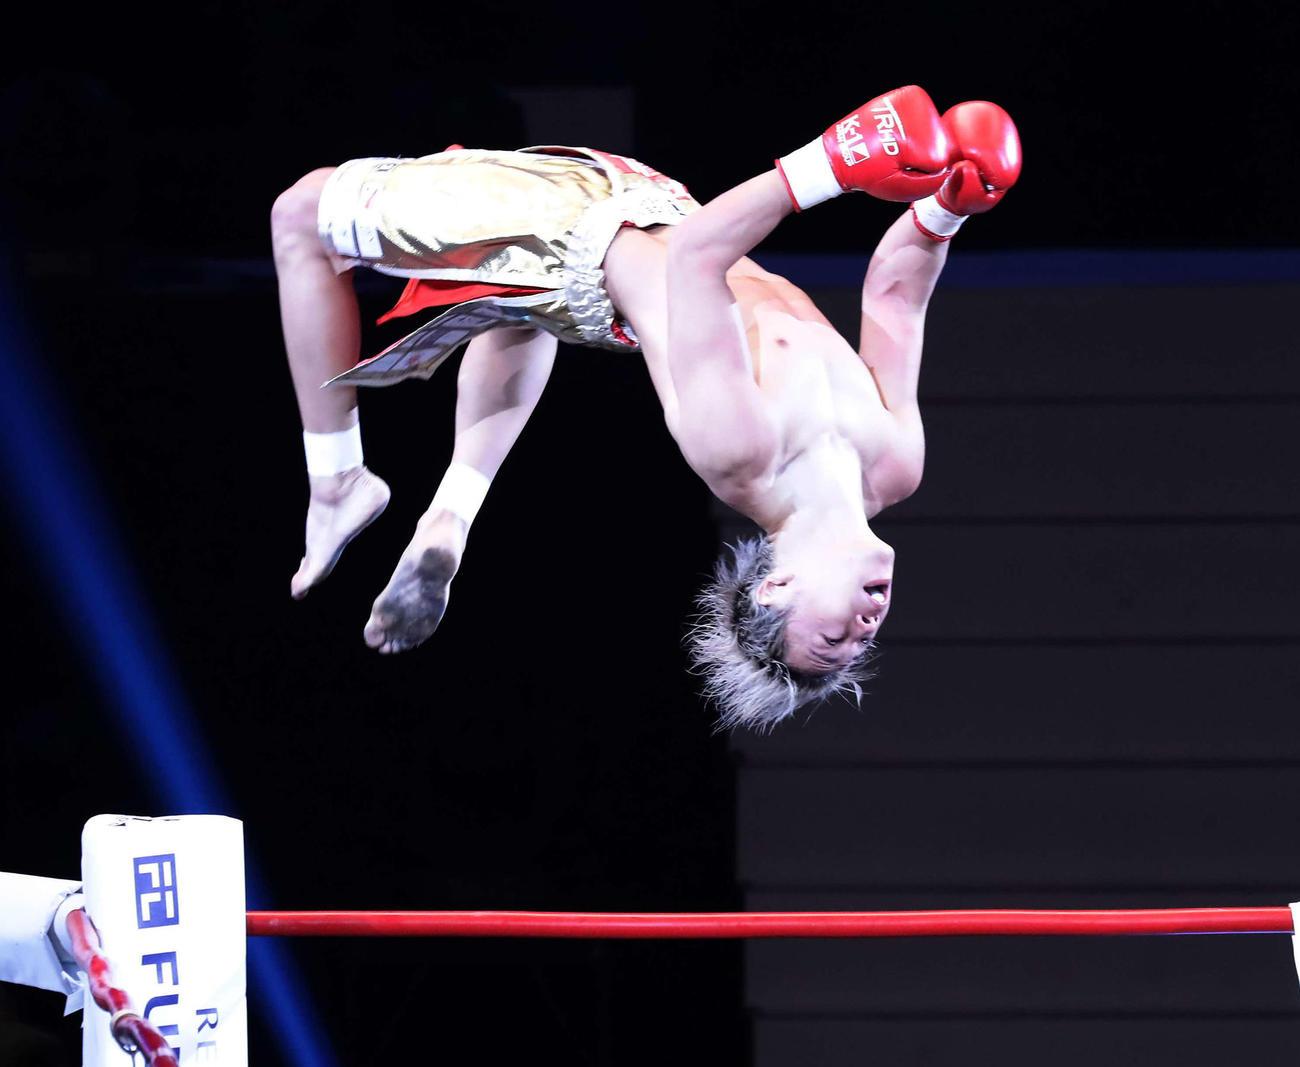 スーパーフェザー級タイトル戦 武尊対レオナ・ペタス KO防衛してコーナーポストからバック宙して喜ぶ武尊(撮影・丹羽敏通)